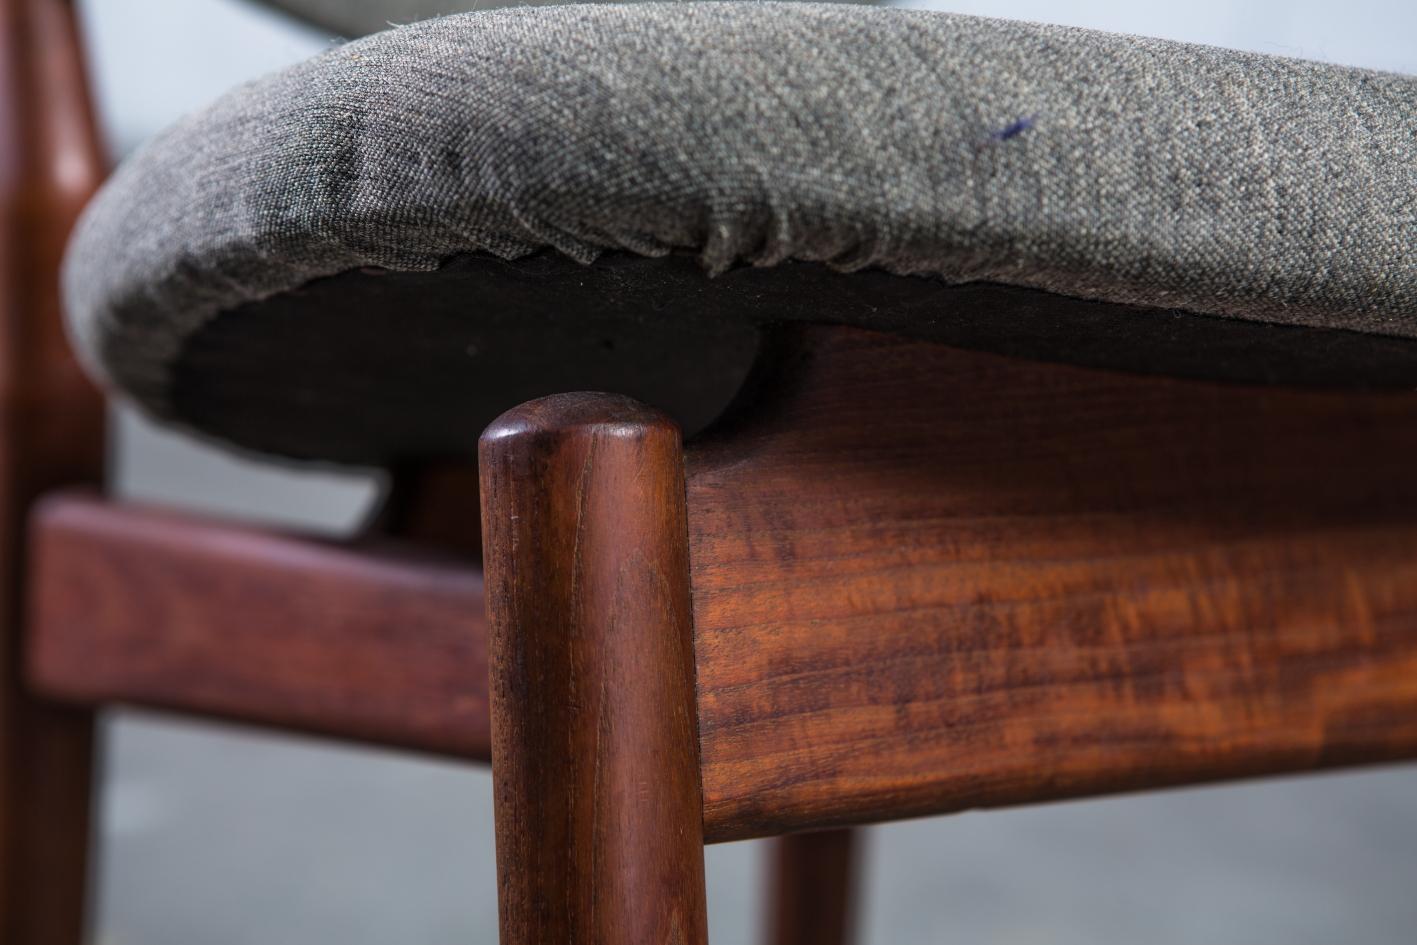 NV108 - Fj55 chairs - Finn Juhl for Niels Vodder